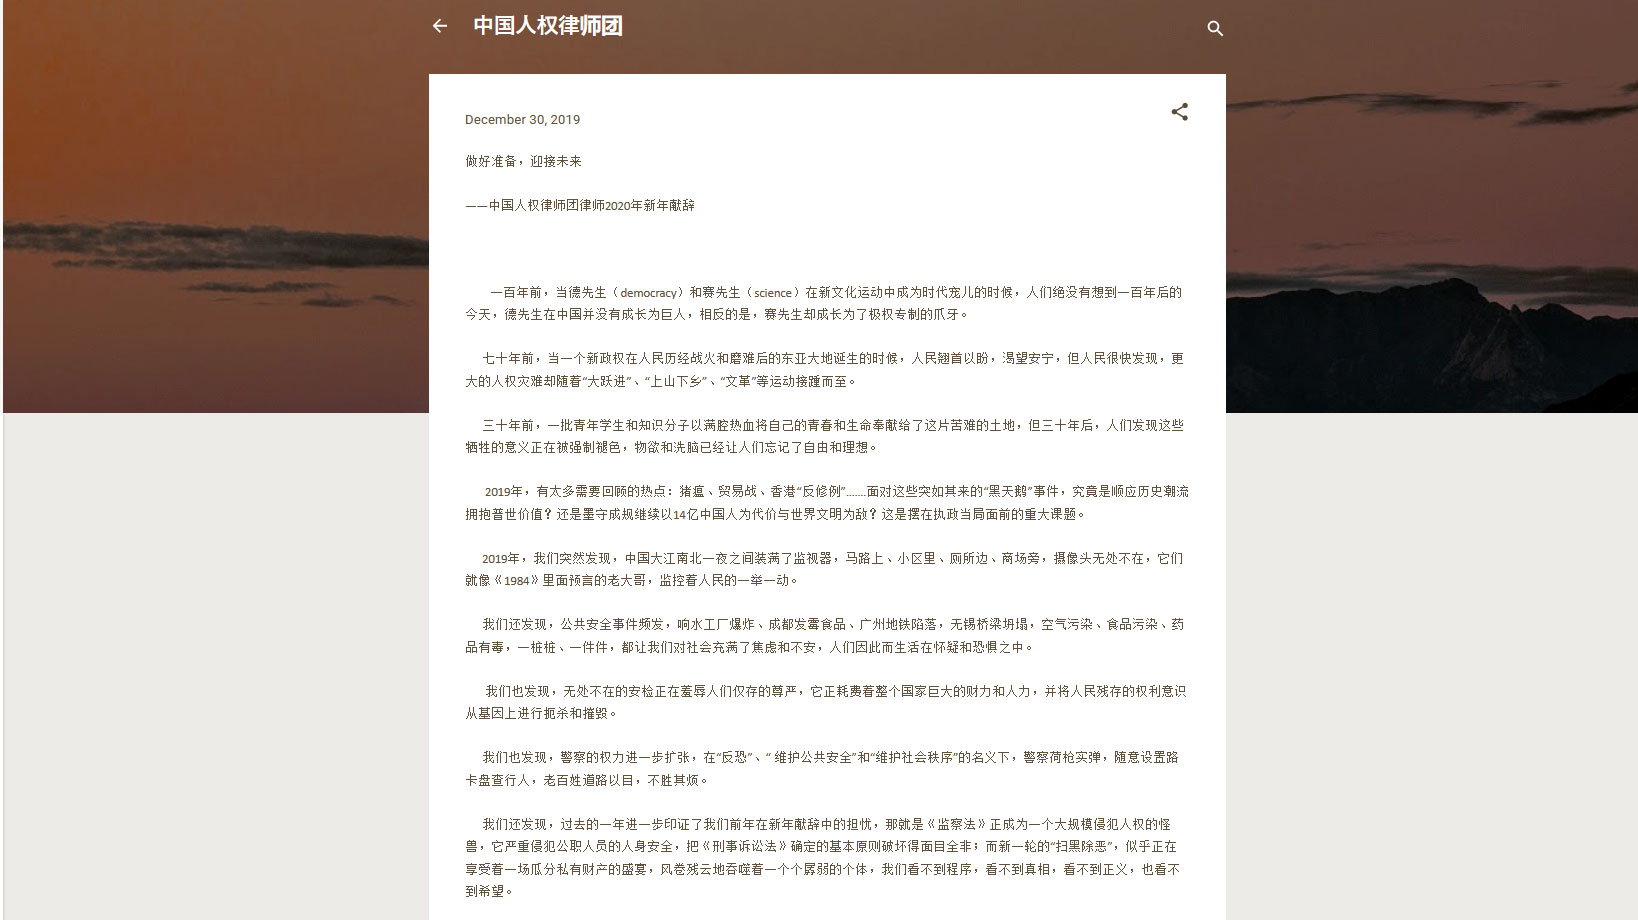 中国人权律师团律师2020年新年献辞之一。(中国人权律师团推特截图)